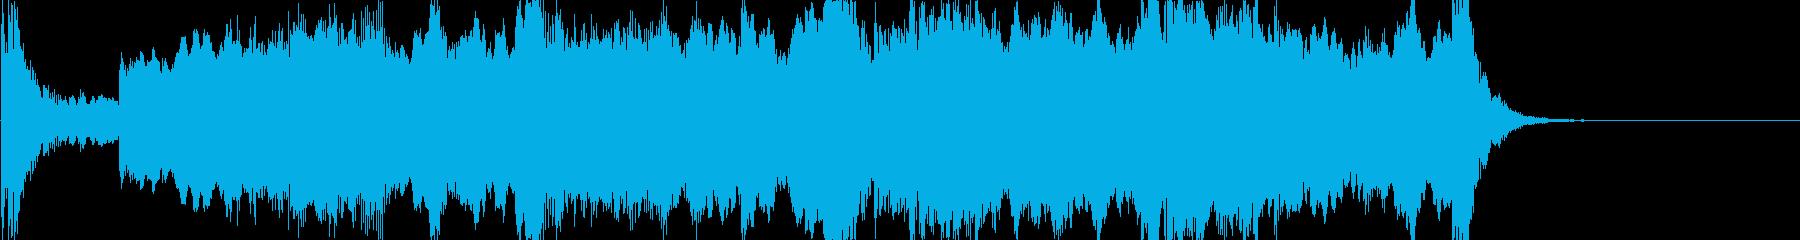 ファンタジー系に合う壮大なオーケストラの再生済みの波形